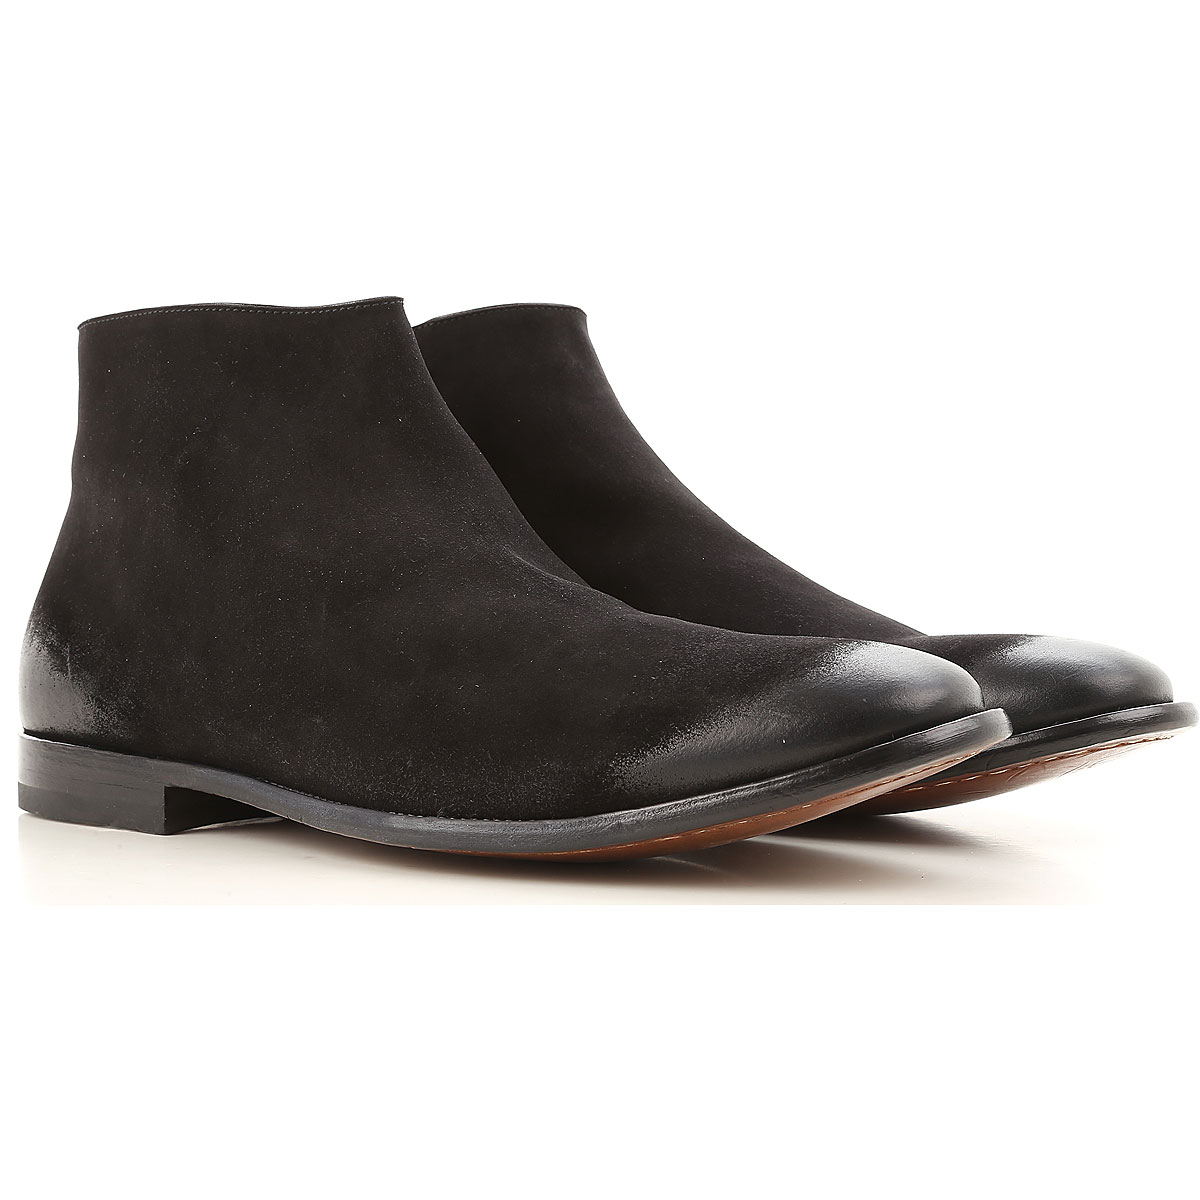 Image of Alexander McQueen Boots for Men, Booties, Black, Leather, 2017, EUR 39 - US 6 - UK 5 EUR 40 - US 7 - UK 6 EUR 41 - US 8 - UK 7 EUR 42 - US 9 - UK 8 EUR 43 - US 10 - UK 9 EUR 44 - US 11 - UK 10 EUR 45 - US 12 - UK 11